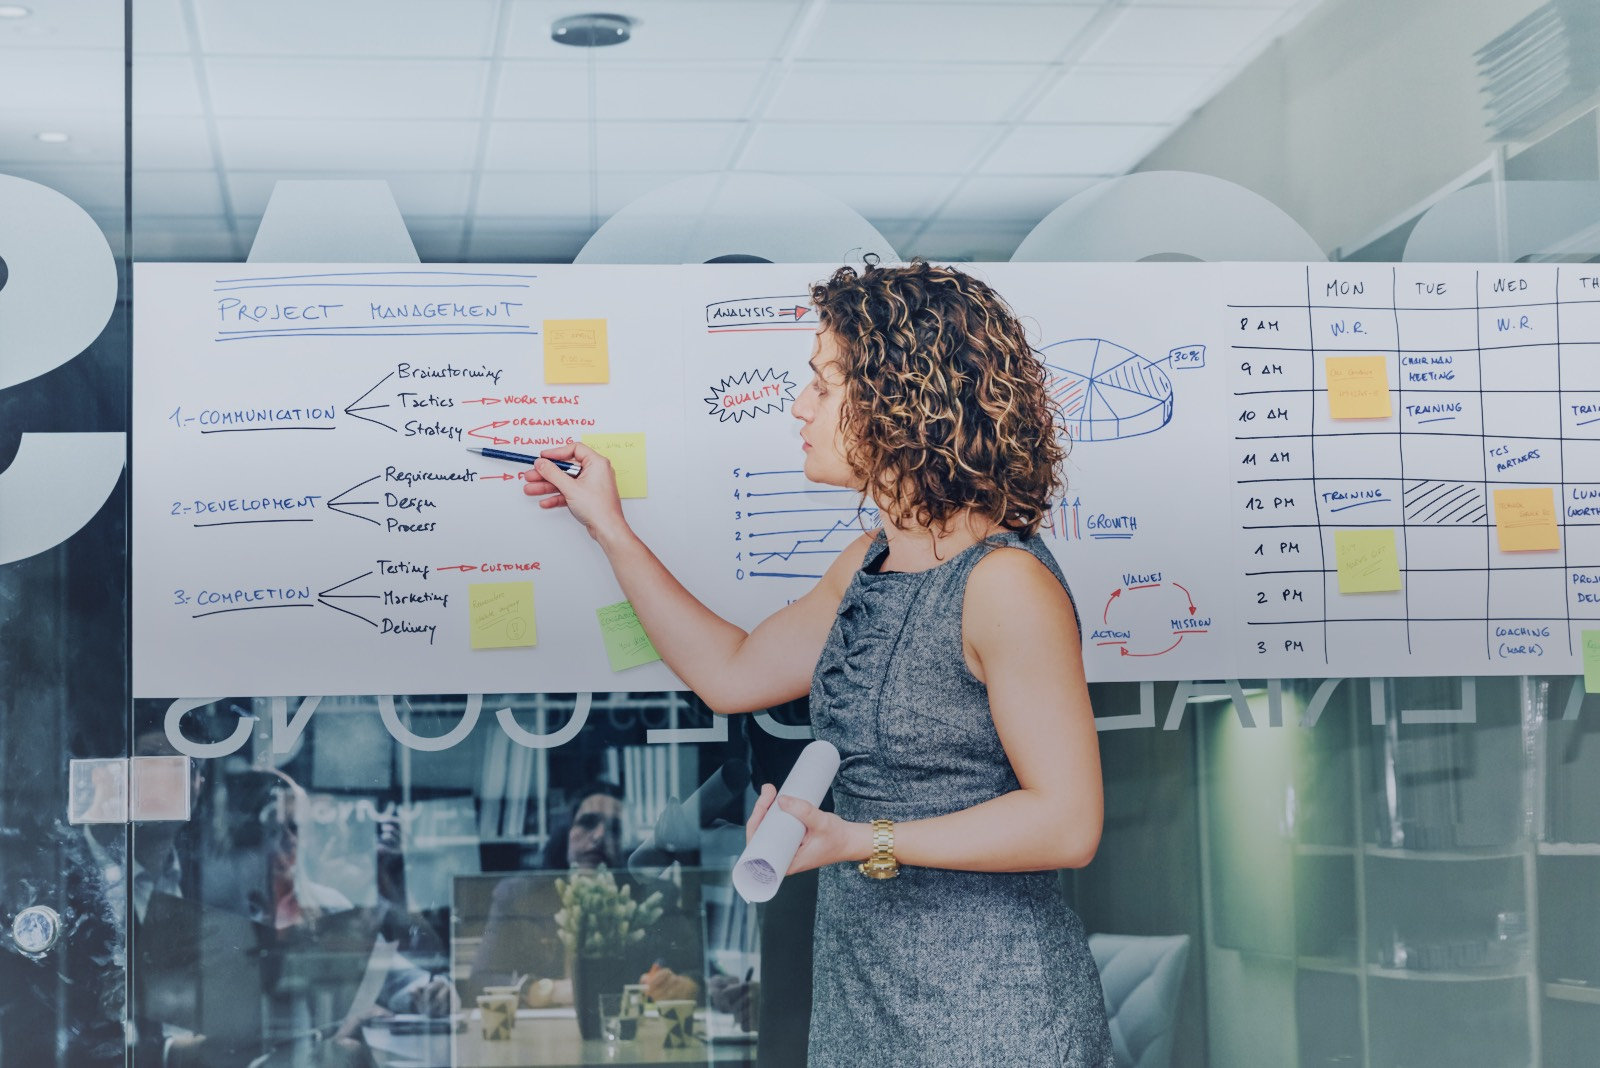 Gestión de proyectos ágil: El camino a los clientes satisfechos